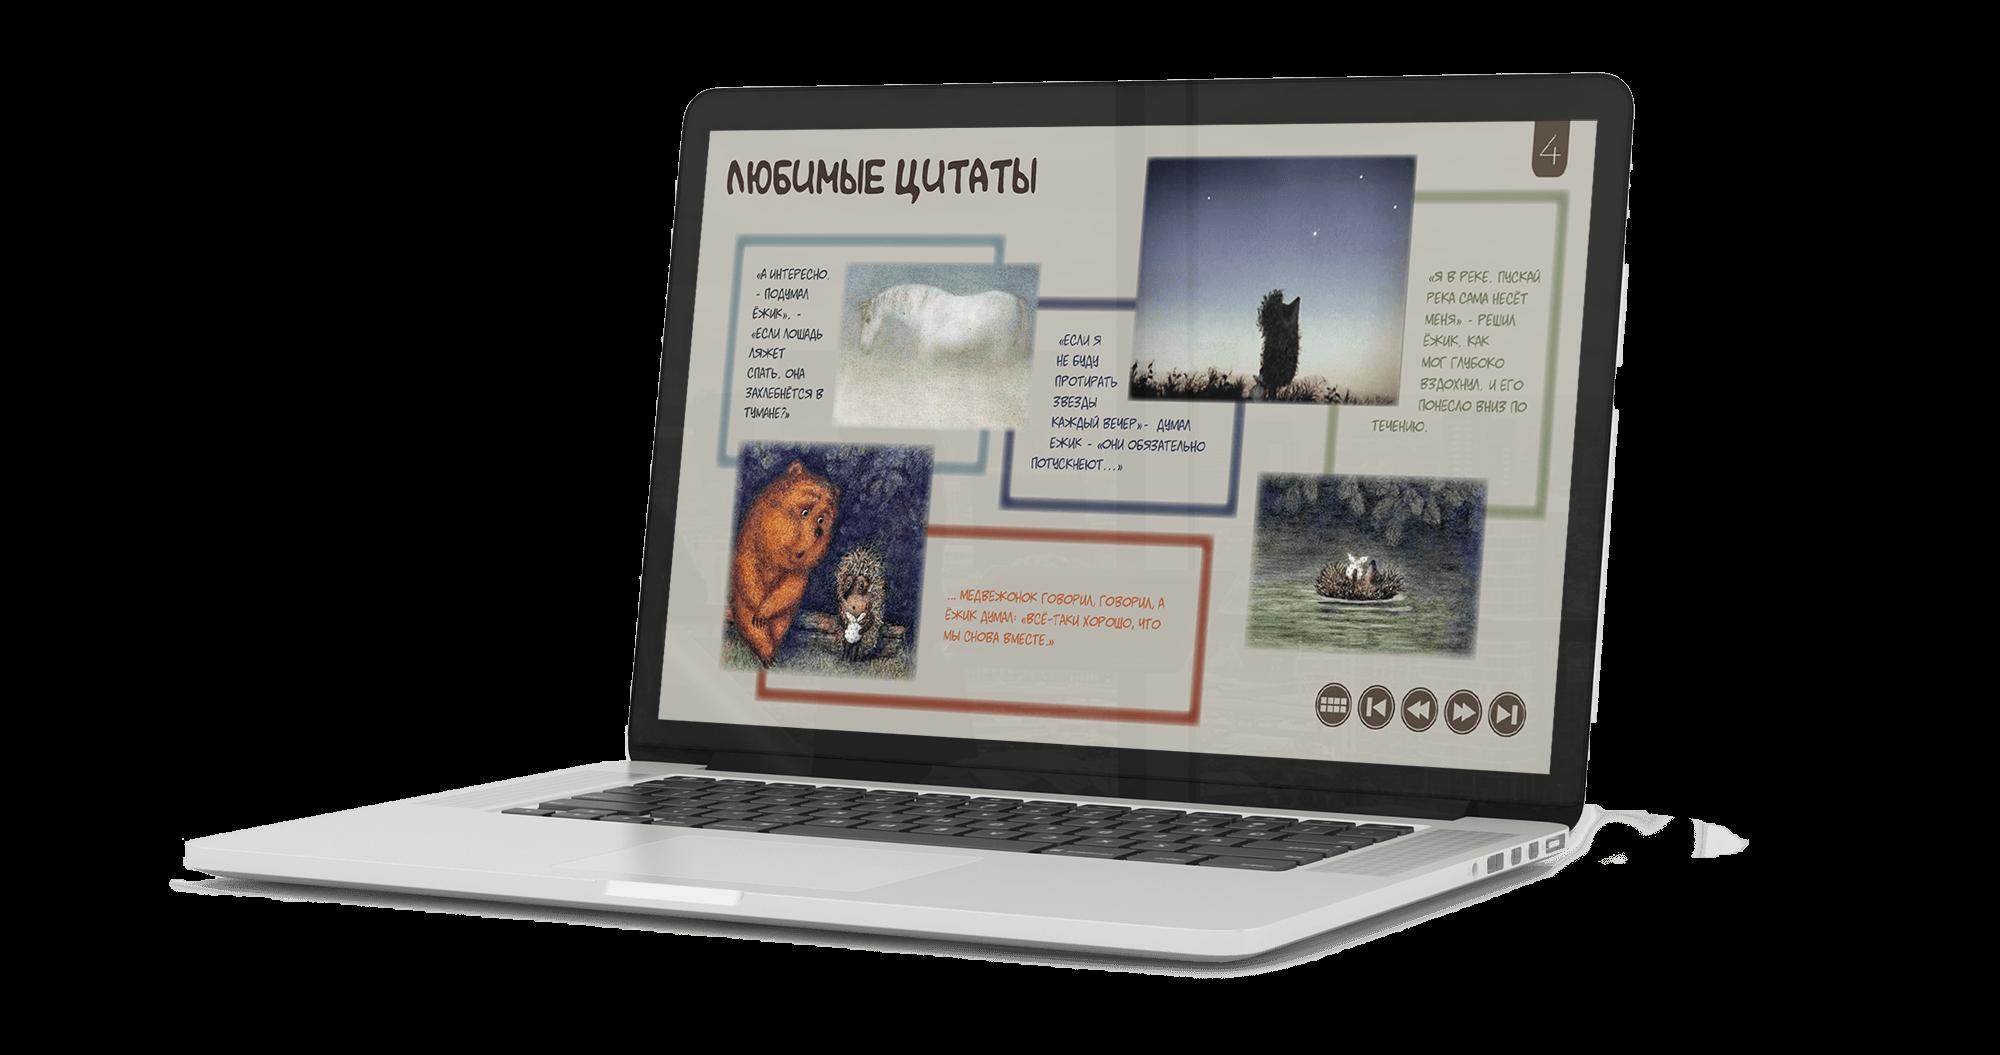 עיצוב בחינוך עיצוב גרפי מגזין אלקטרוני בשפה רוסית תיק עבודות קטיה פובזנר